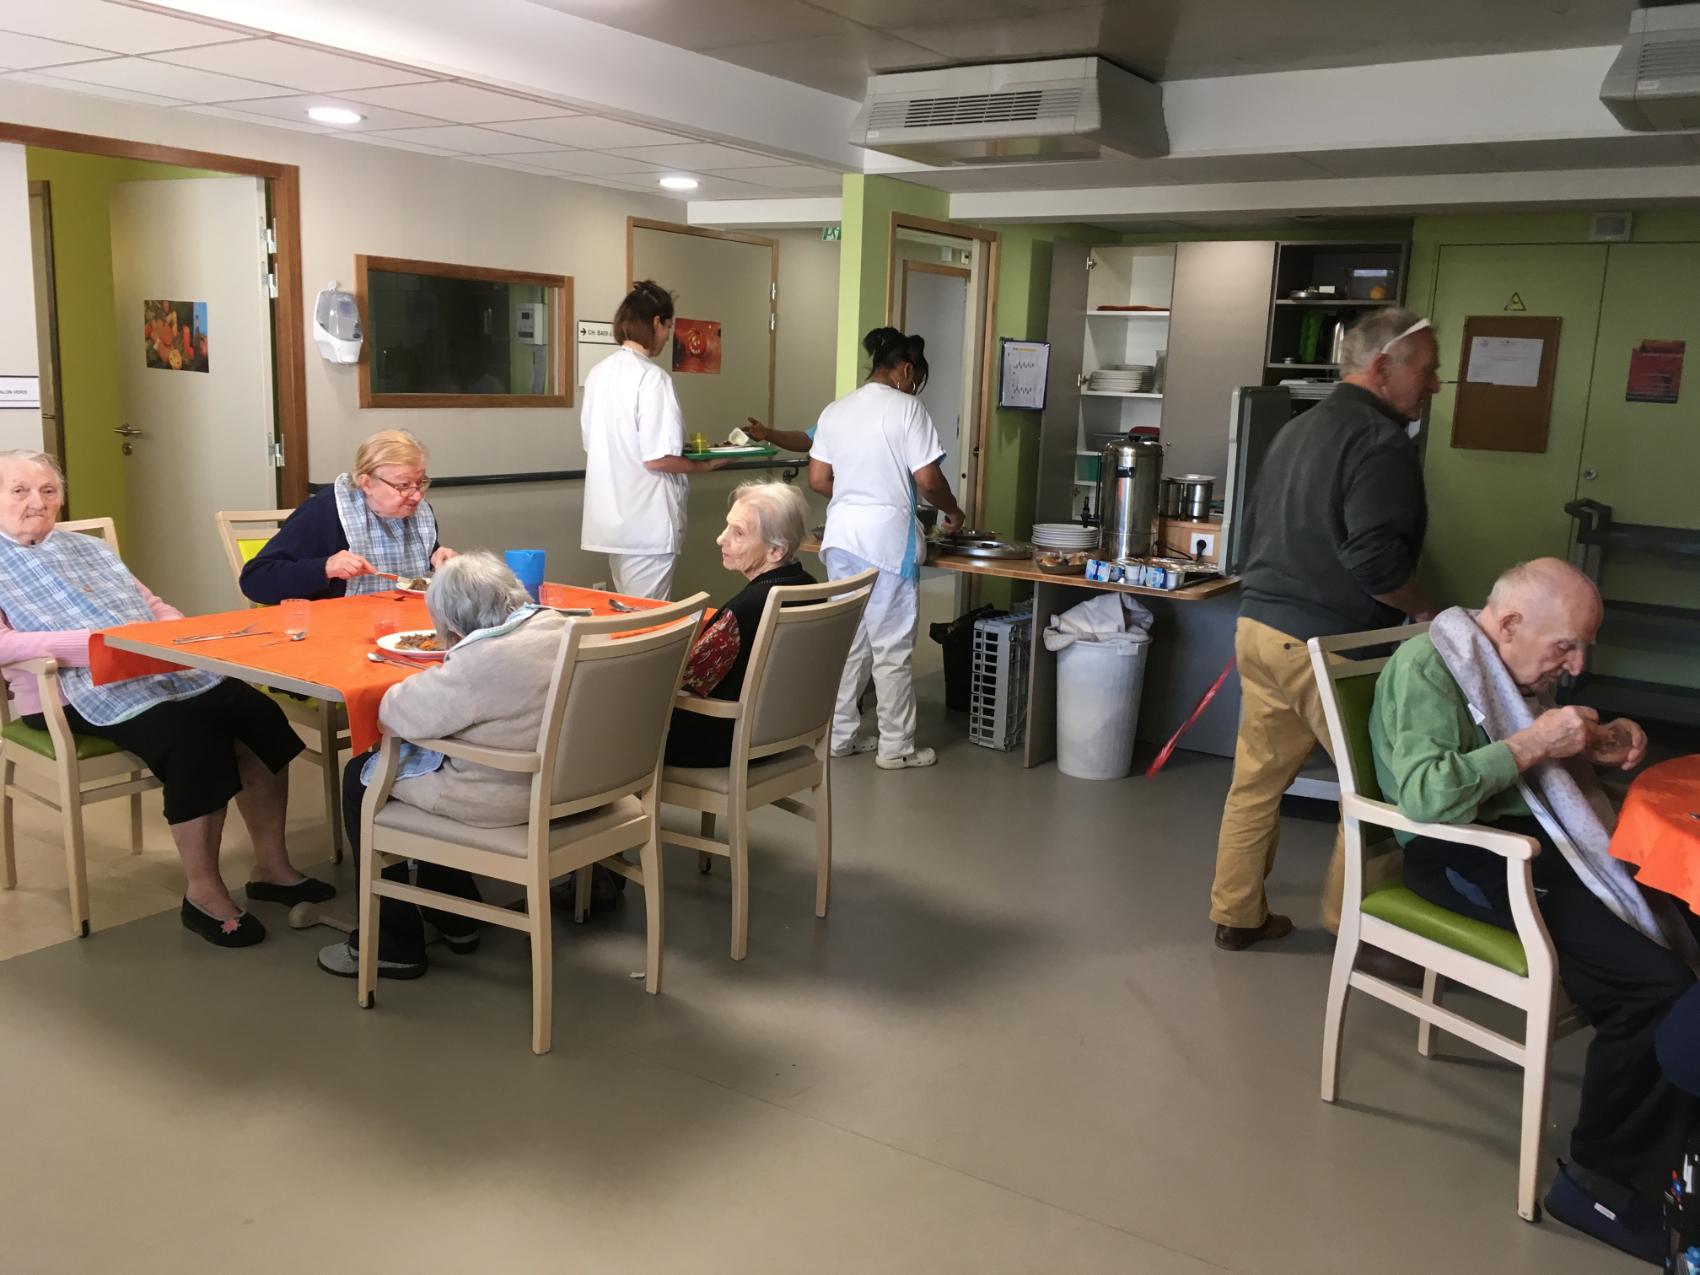 Les Girondines - UVP - Repas dans l'espace de vie